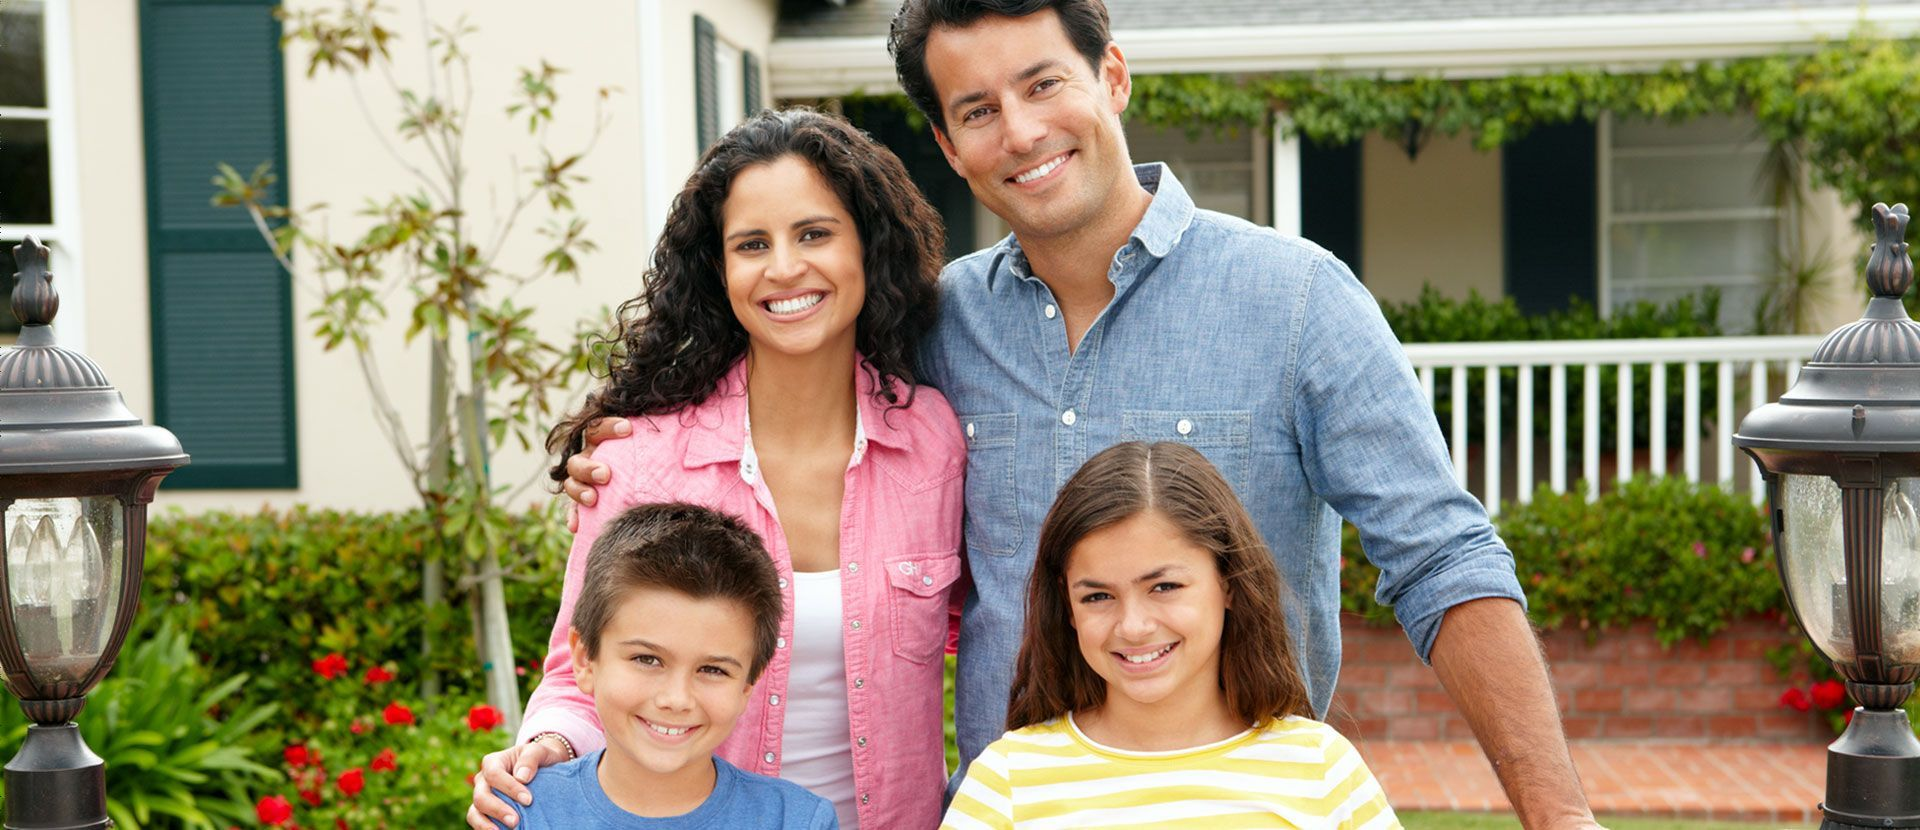 anspan francia convivencia con familias francesas frances ASTEX